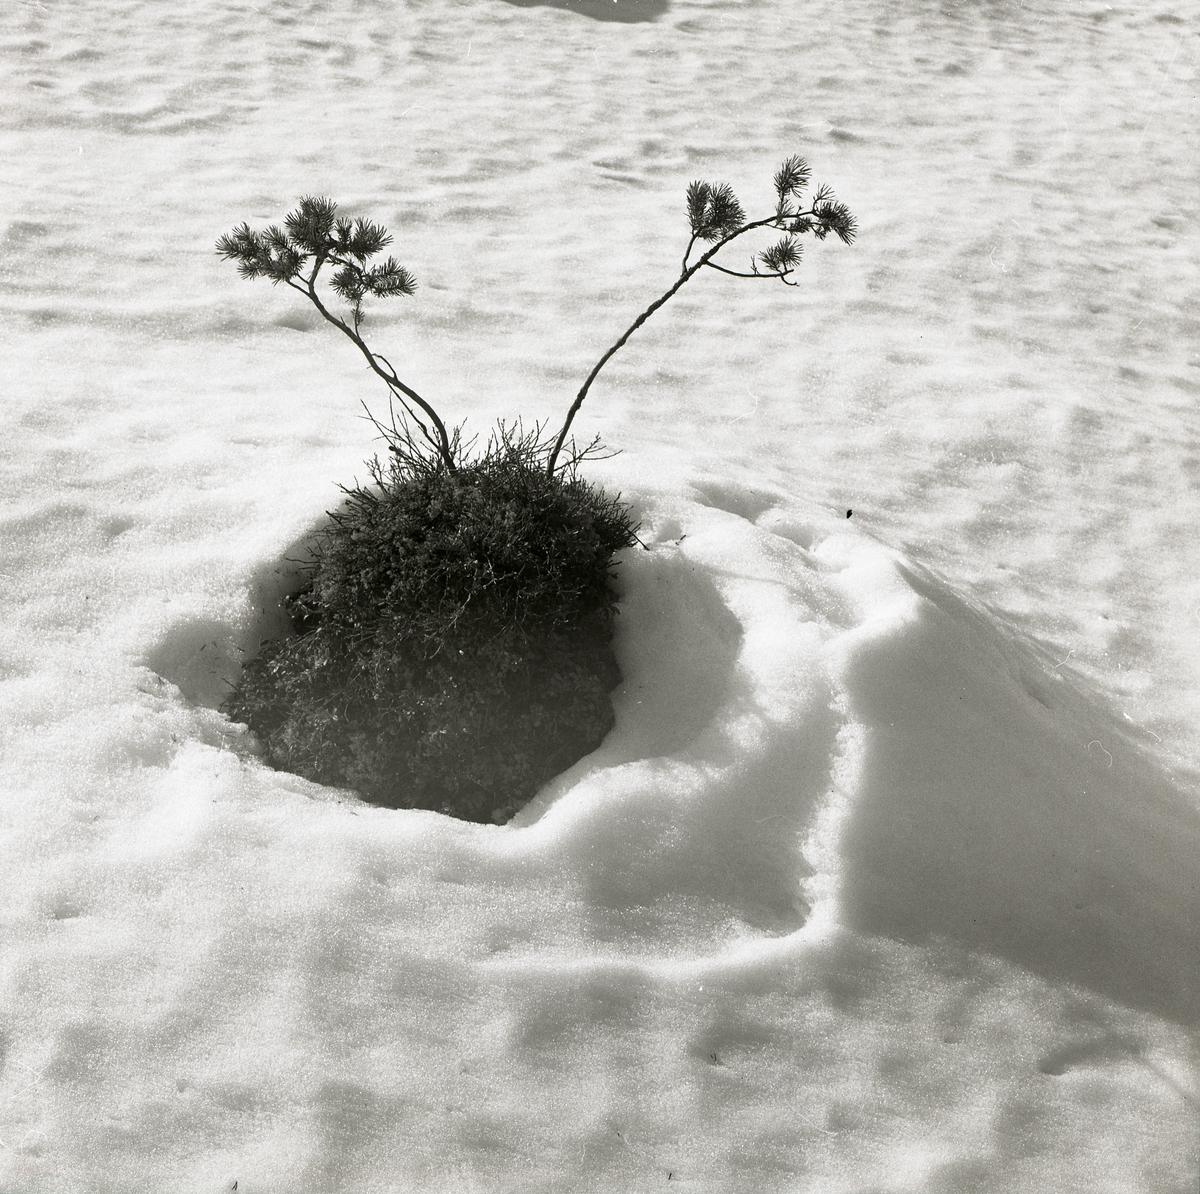 Två små tallar växer på en grästuva och sticker upp ur snön vid Stråsjön, april 1978.